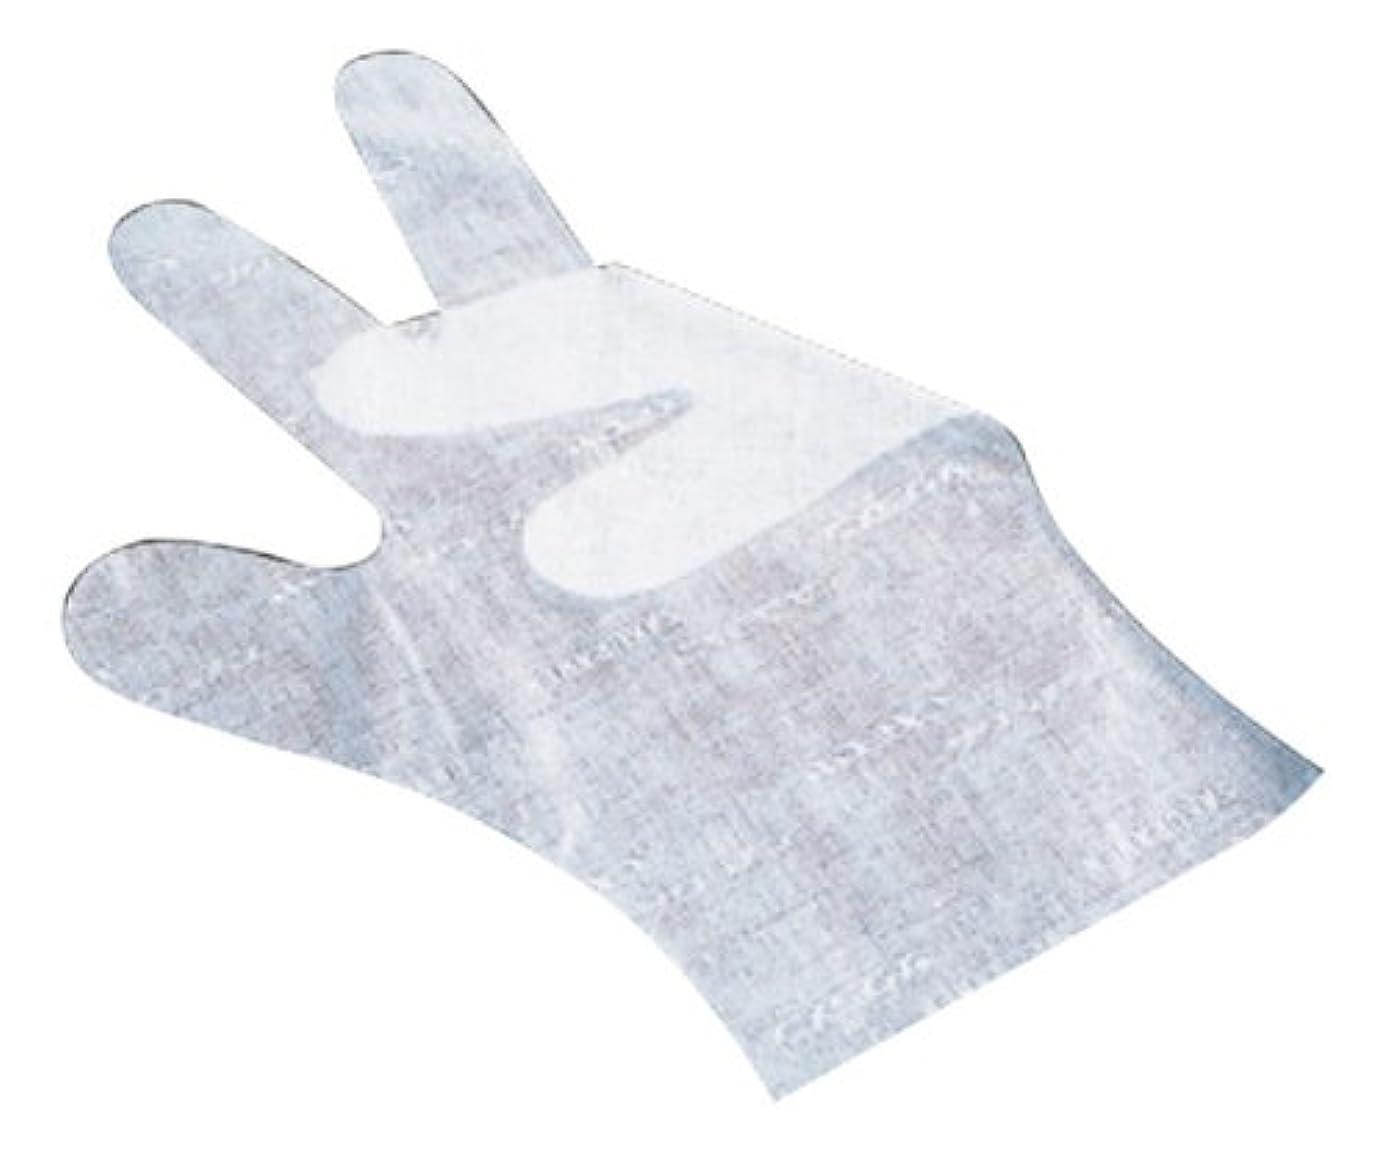 姪パプアニューギニア絶えずサクラメン手袋 デラックス(100枚入)L ホワイト 35μ